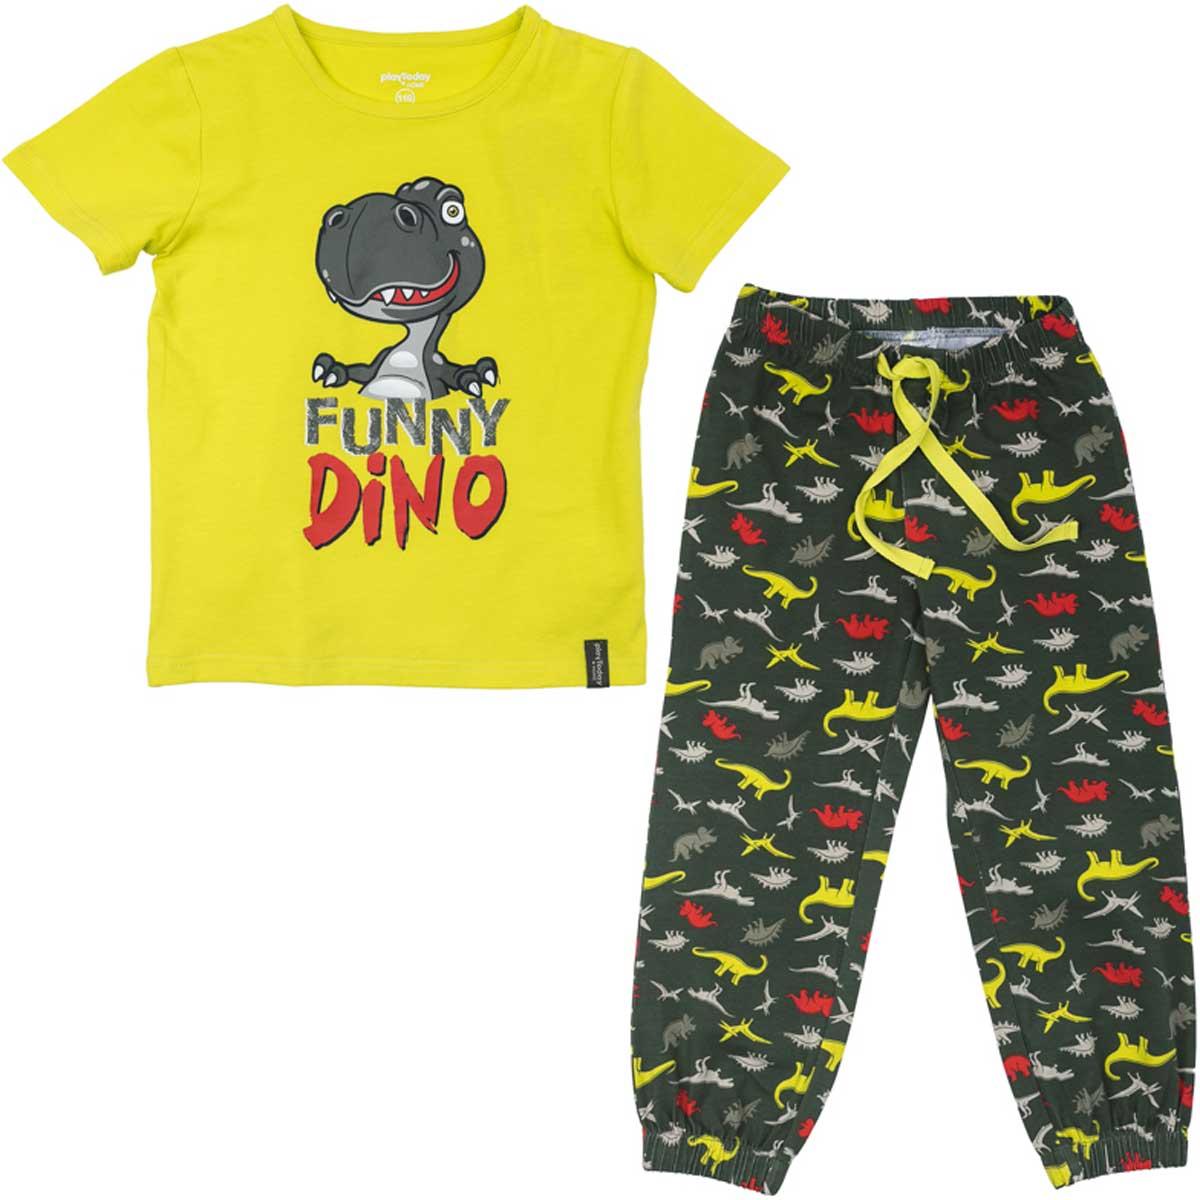 Комплект для мальчика PlayToday: футболка, брюки, цвет: желтый, темно-серый. 175001. Размер 116175001Комплект из футболки и брюк прекрасно подойдет для домашнего использования. Мягкий, приятный к телу, материал не сковывает движений. Яркий стильный принт является достойным украшением данного изделия. Брюки на мягкой удобной резинке на поясе и на штанинах, с регулируемым шнуром - кулиской на поясе.